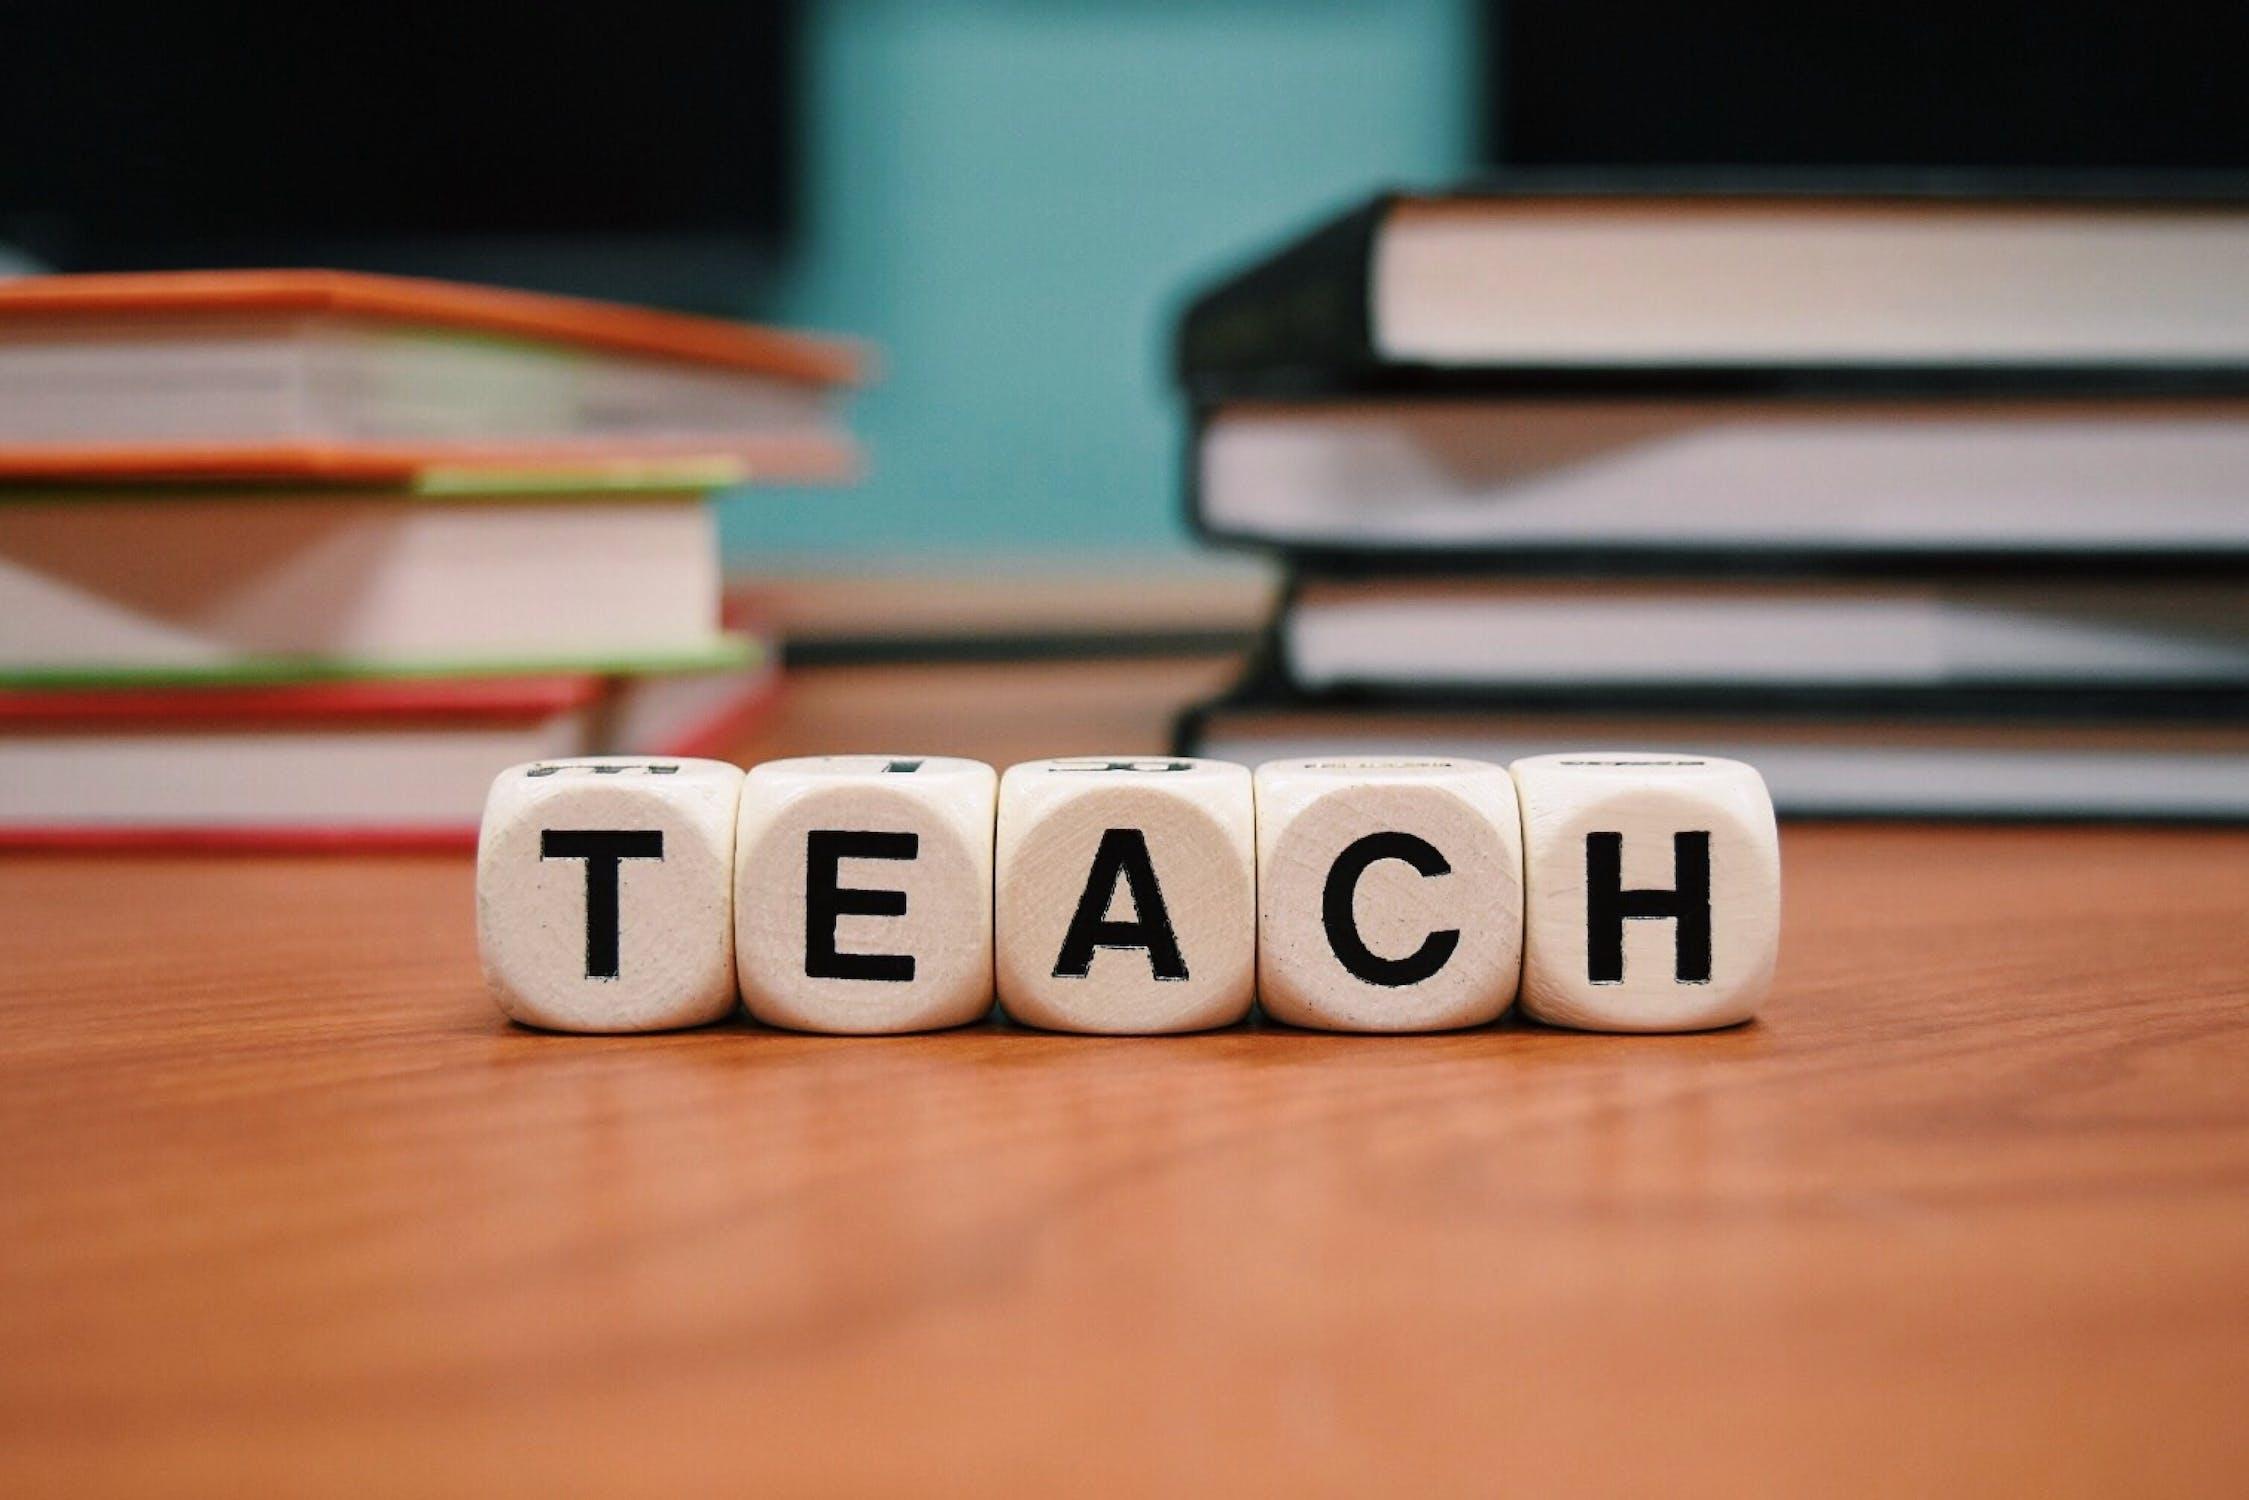 นักเรียนไม่จำเป็นต้องกตัญญูต่อครูอาจารย์